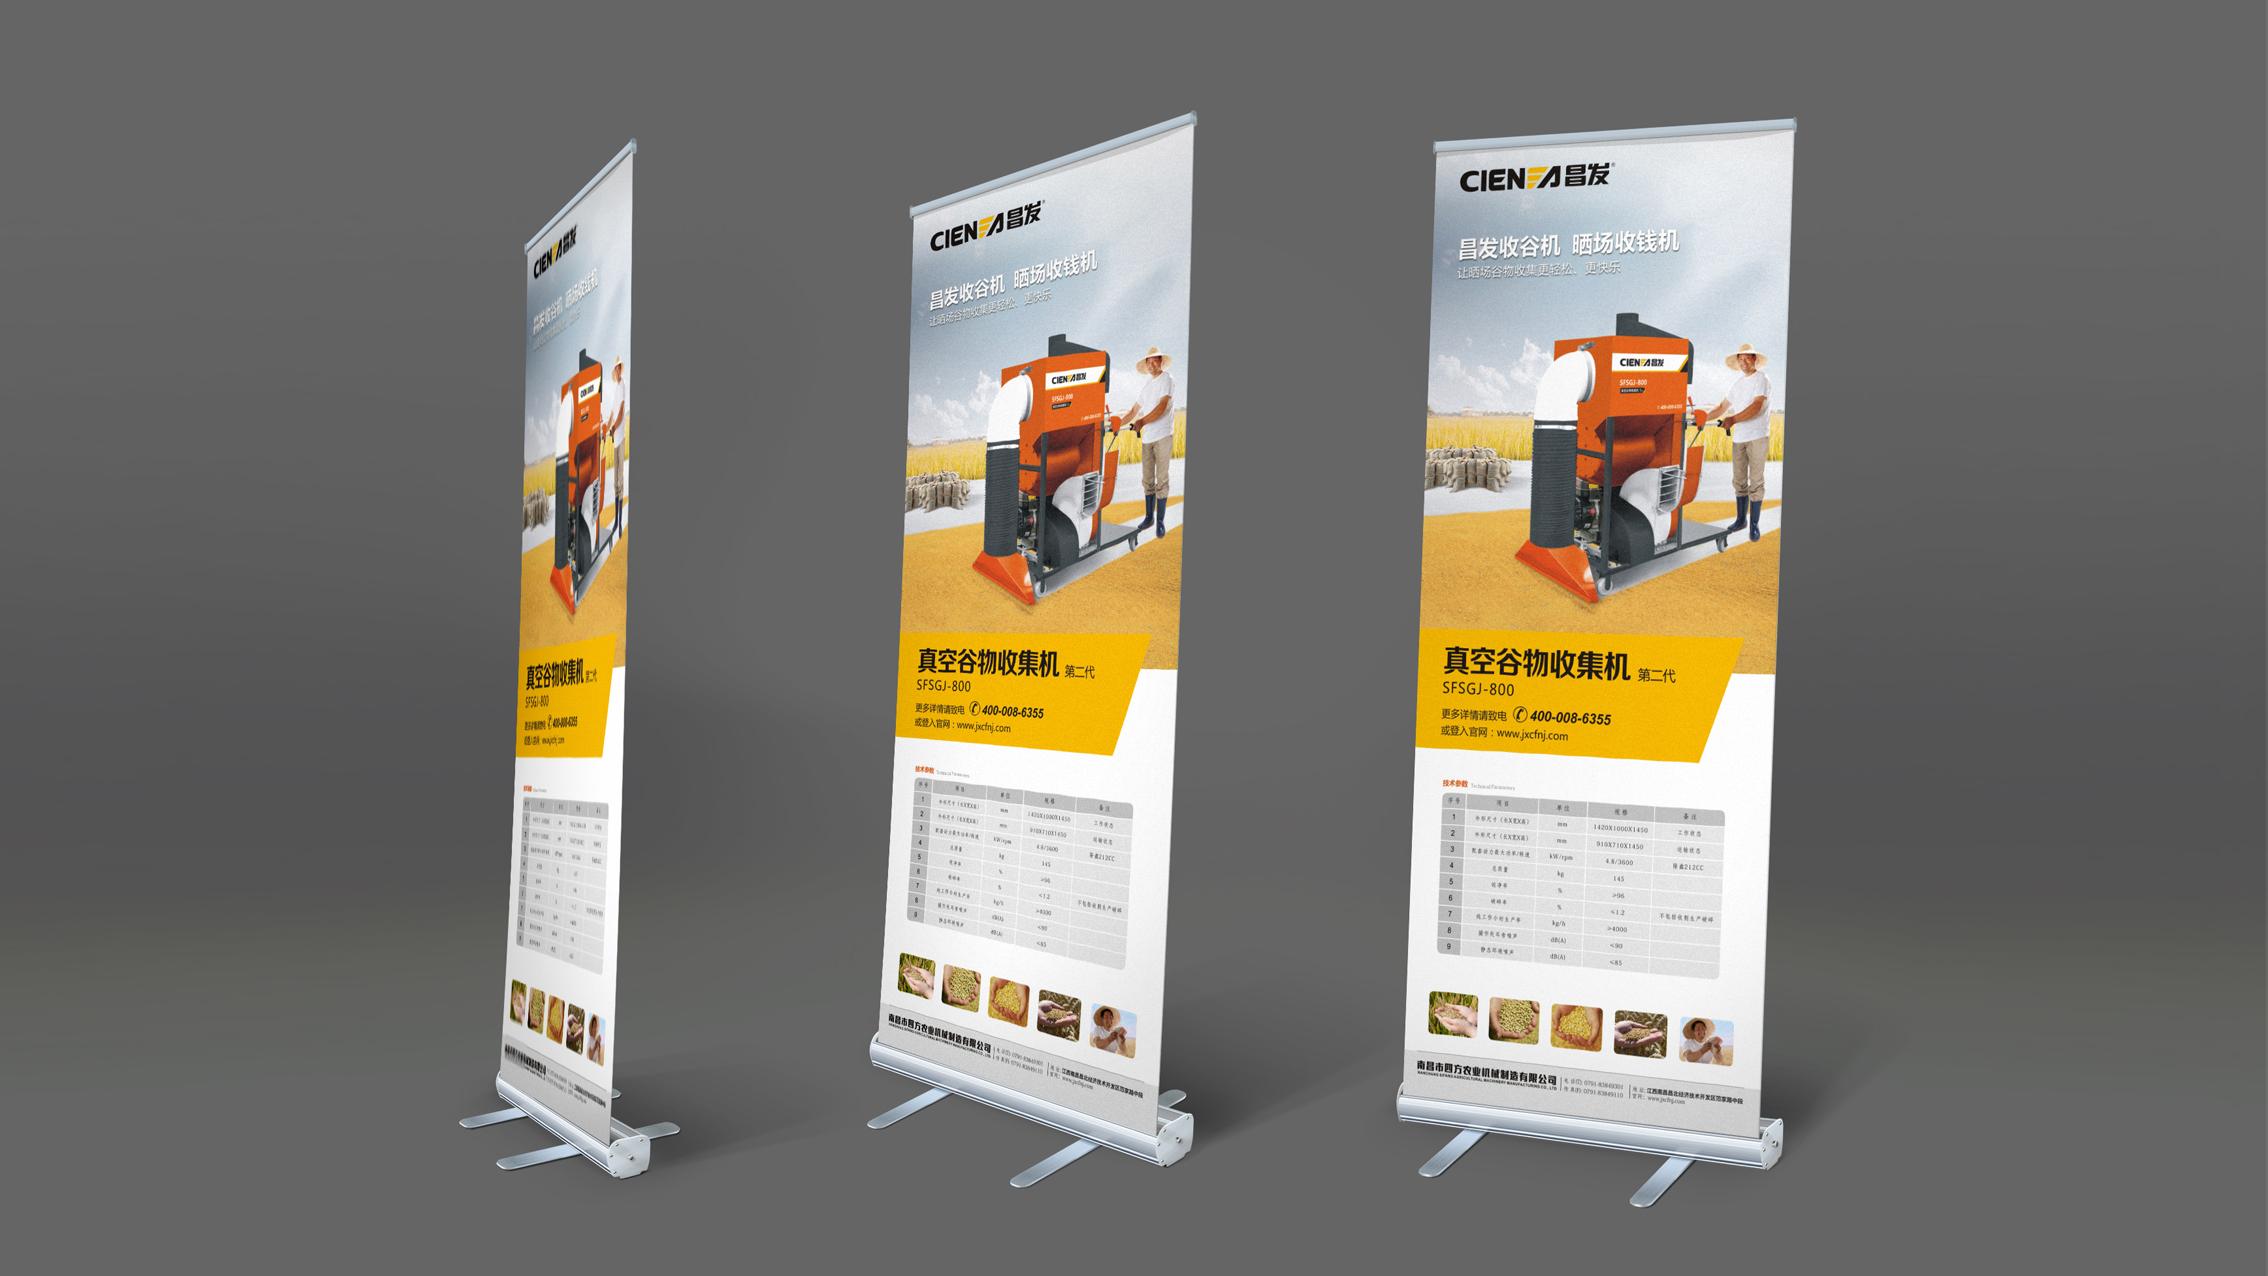 杭州吊旗设计设计册子产品手册宣传单宣传品宣传册设计台历